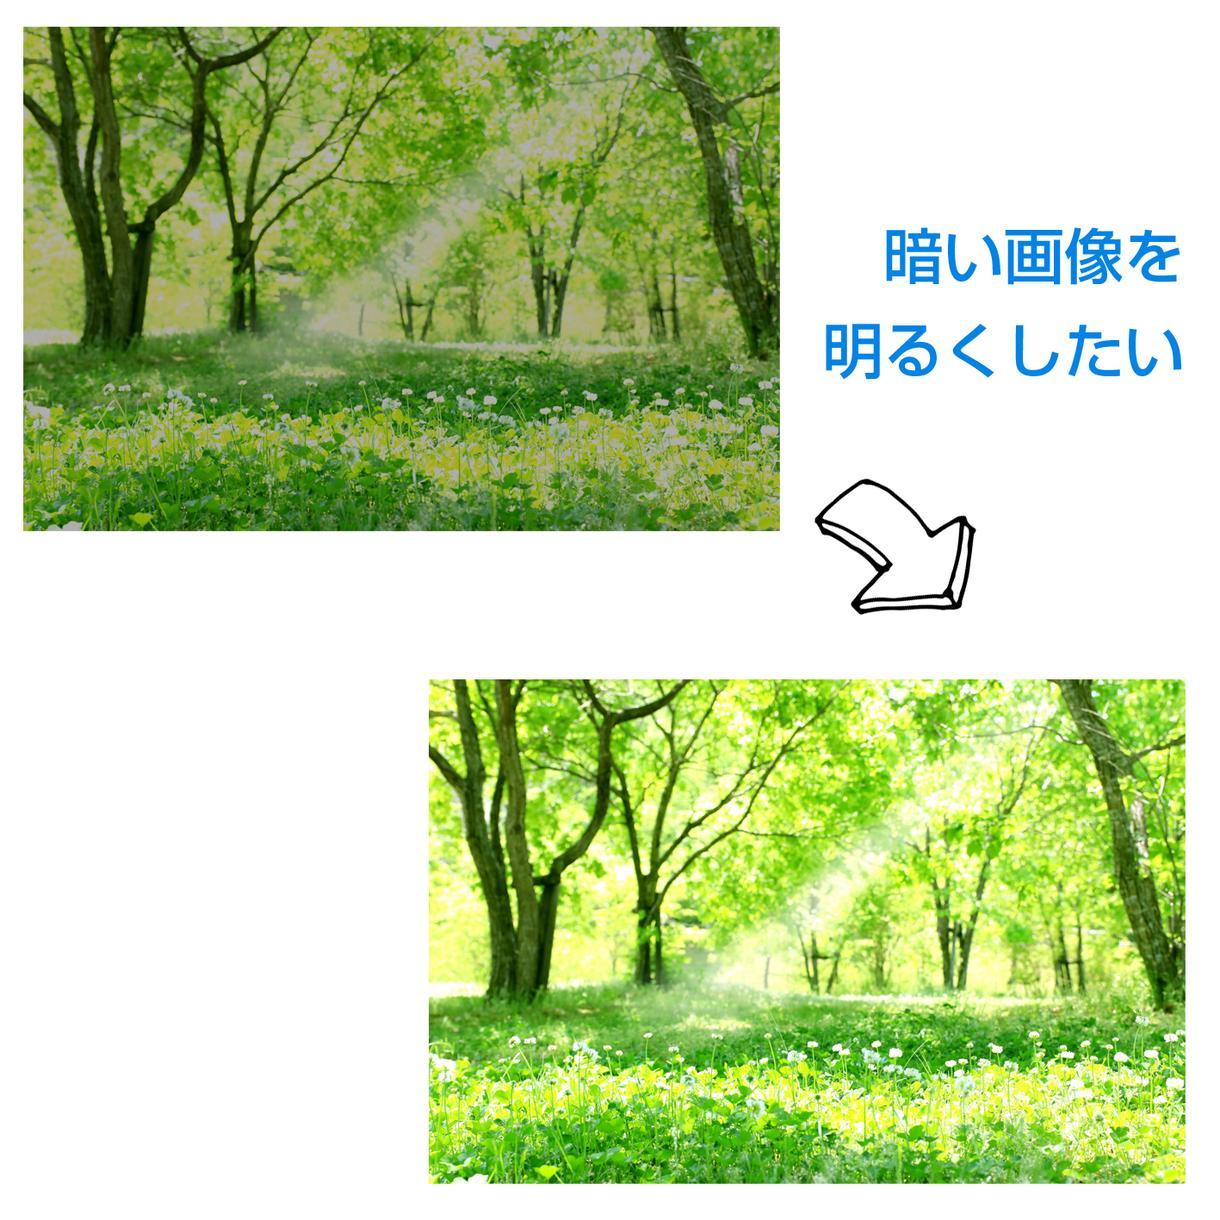 簡単な画像の補正や修正をします 画像が暗くて使いづらい、顔のほくろ消して欲しいなどの画像加工